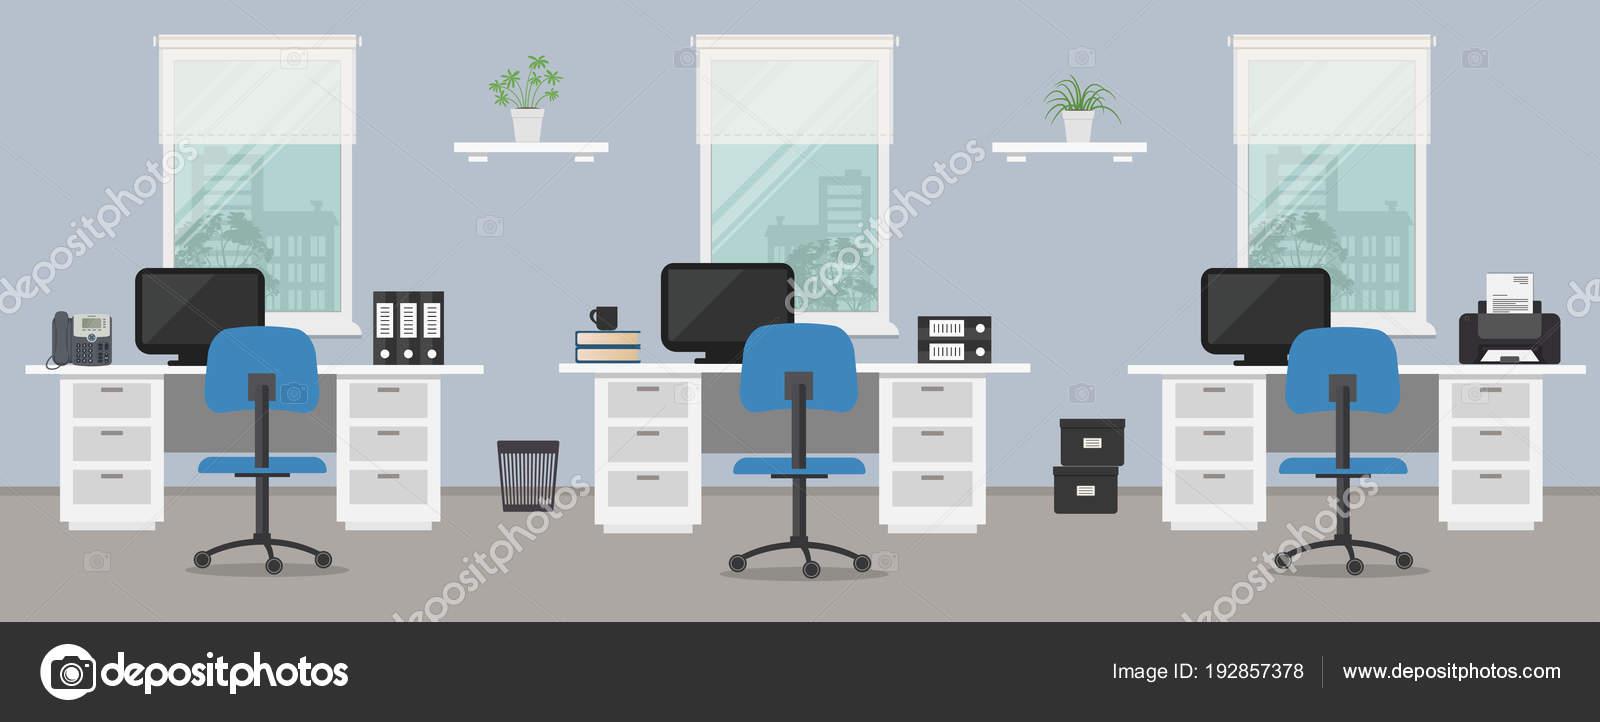 Büroraum Eine Blaue Farbe Arbeitsplatz Von Büroangestellten Mit Weißen  Möbeln U2014 Stockvektor